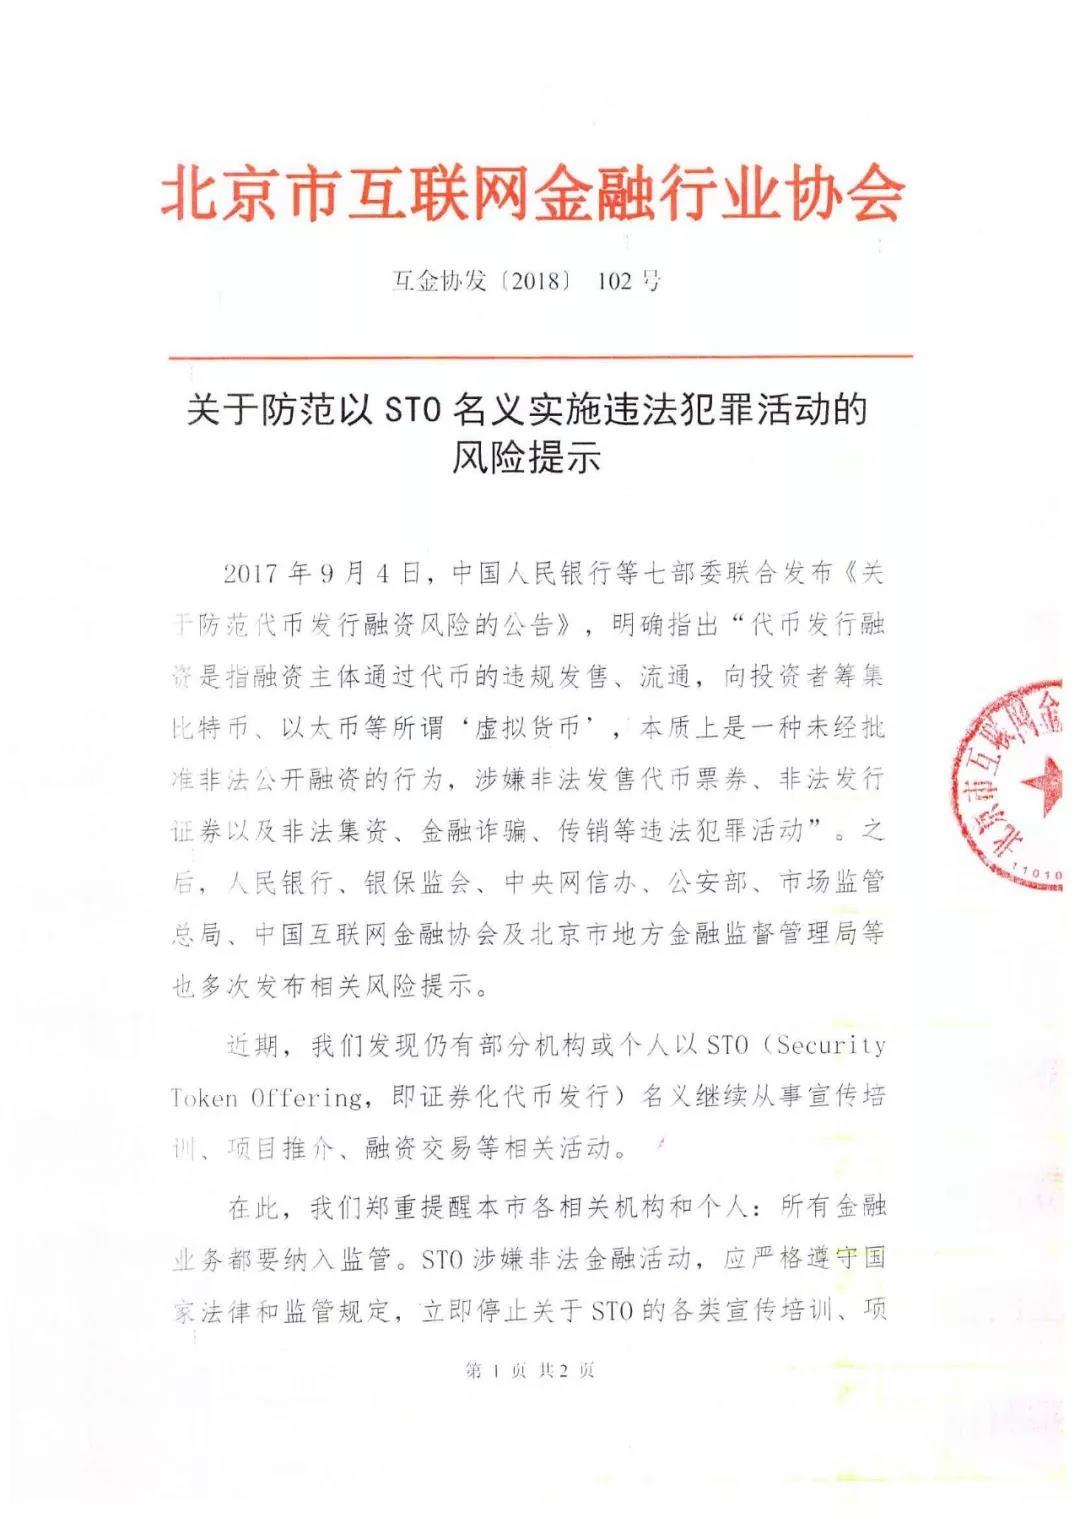 北京市互金协会:关于防范以STO名义实施违法犯罪活动的风险提示